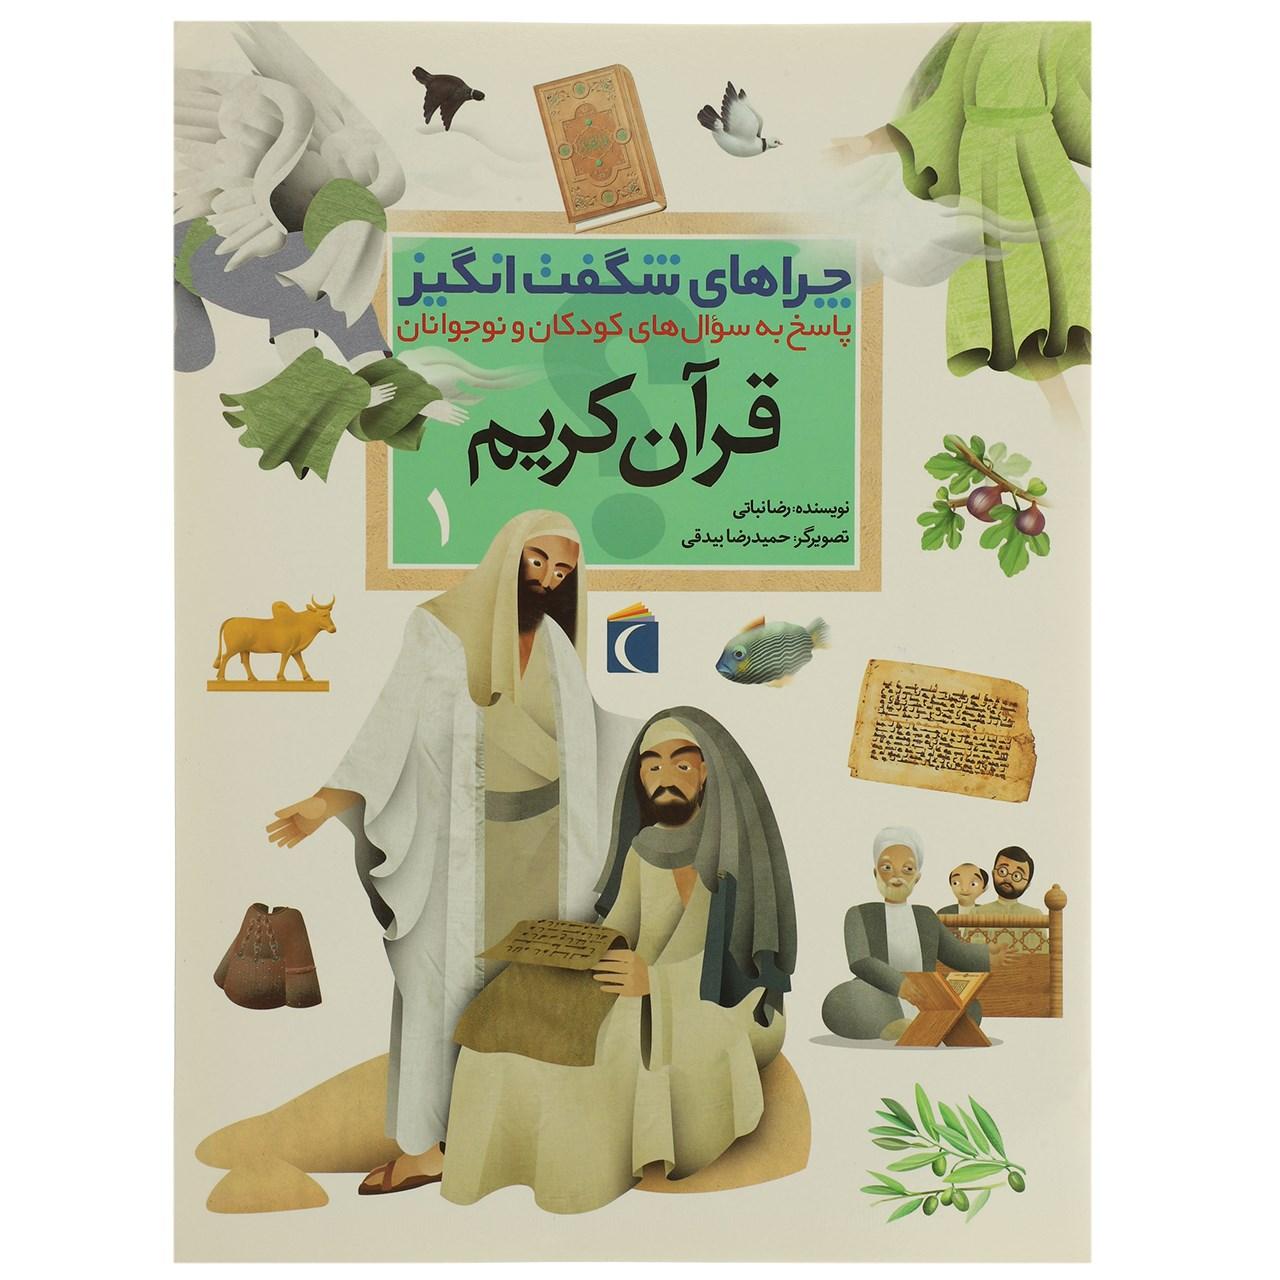 کتاب چراهای شگفت انگیز قرآن کریم 1 اثر رضا نباتی